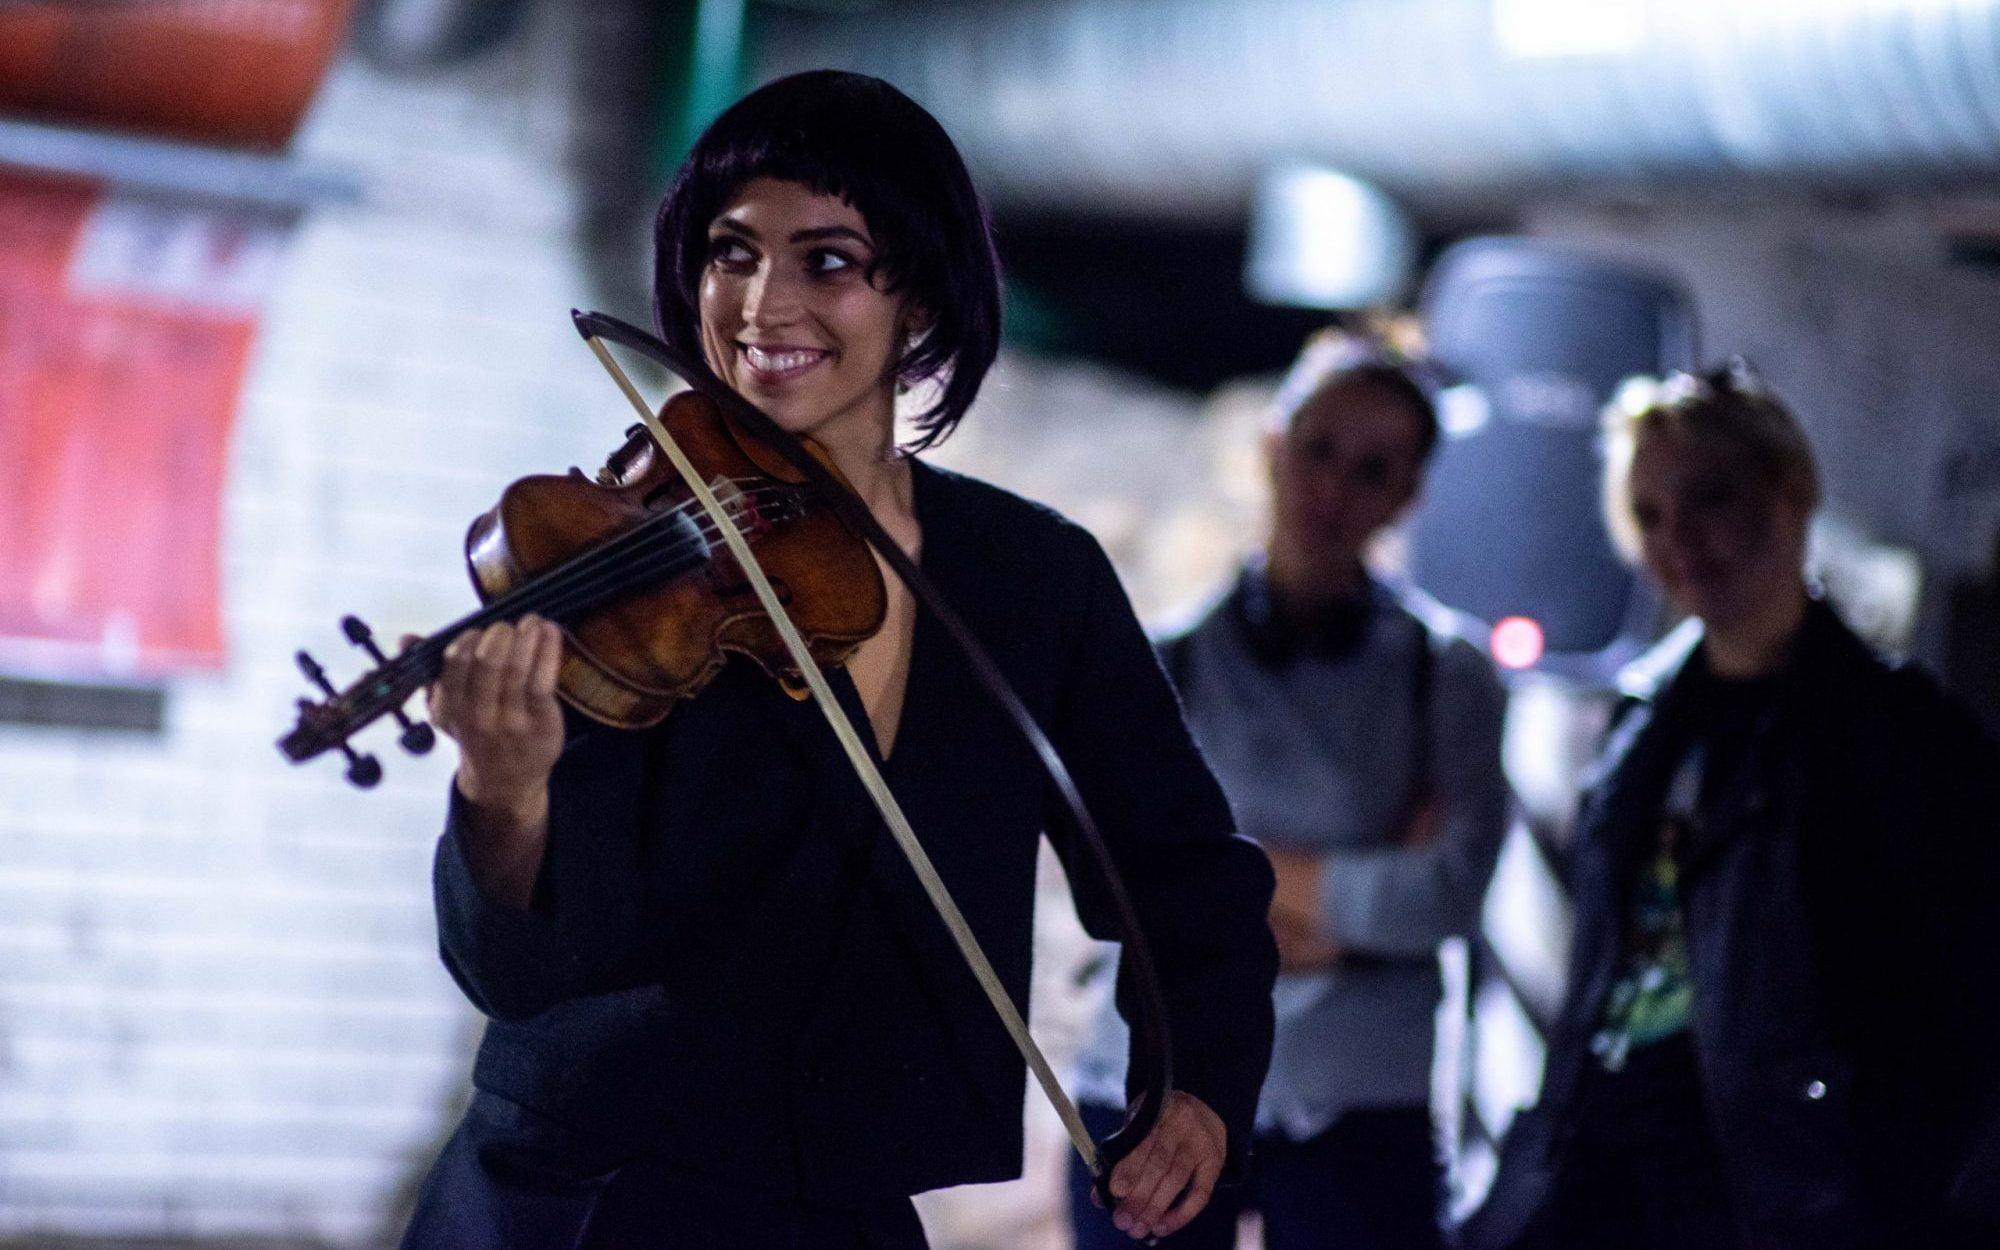 """Festivalis """"Muzika erdvėje"""" skelbia šių metų temą ir kviečia kompozitorius teikti kūrinių koncepcijas"""